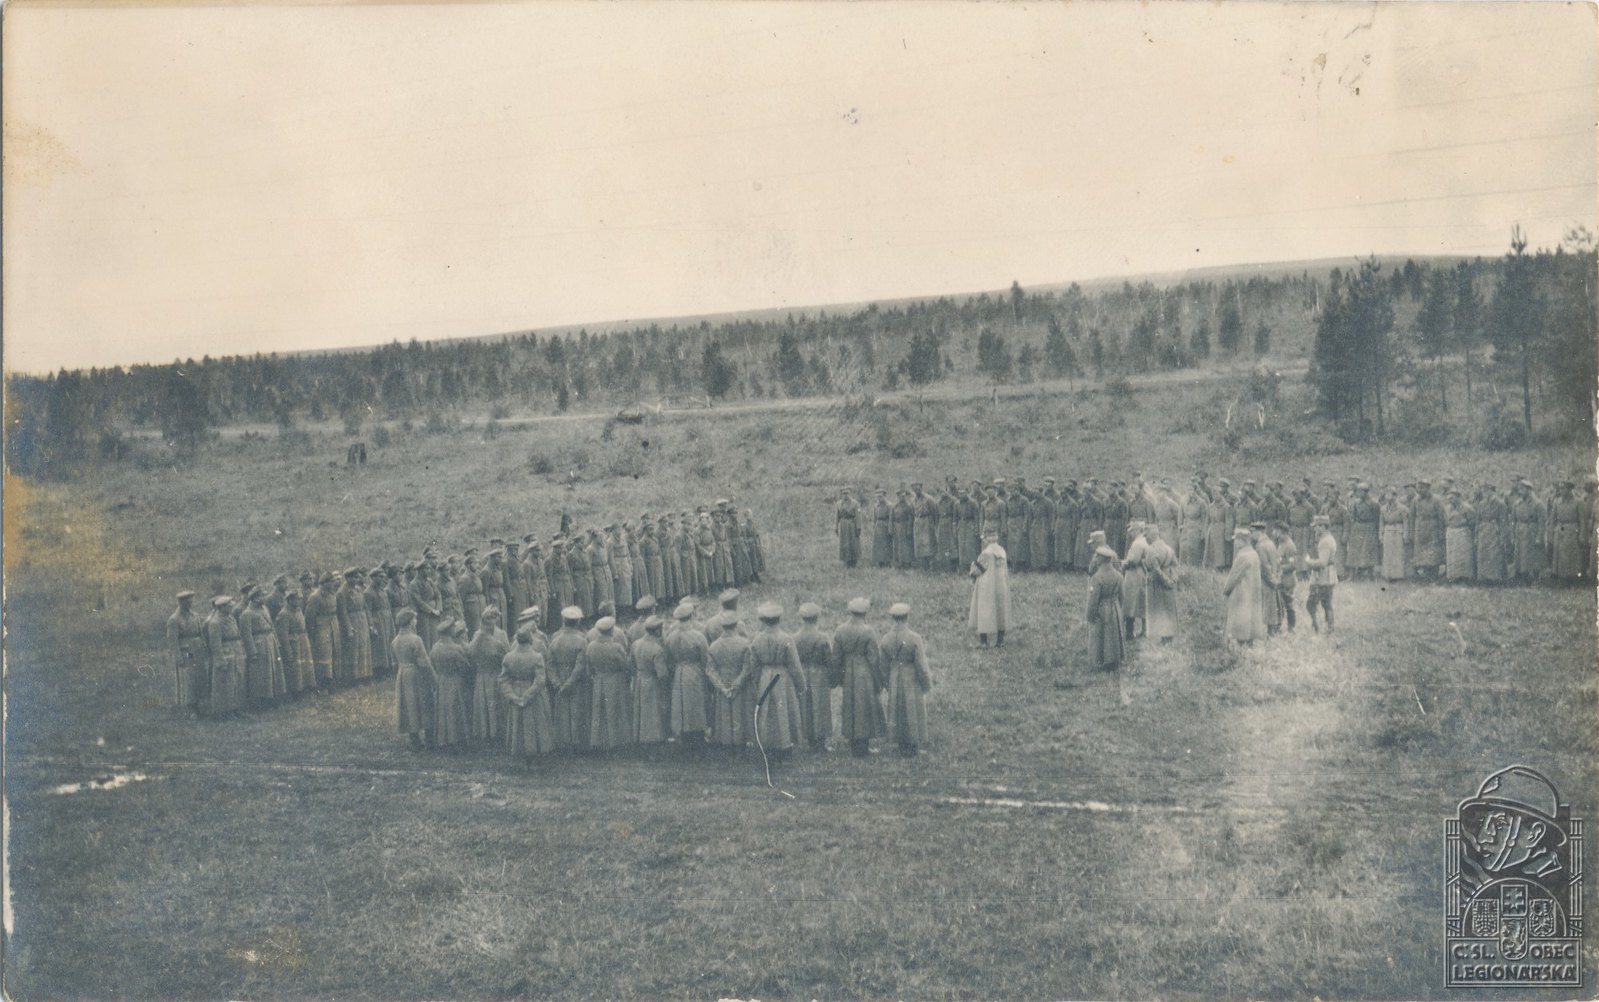 29. 1919. Иркутск. Выступление генерала Жанена перед 3-м батальоном 4-го полка